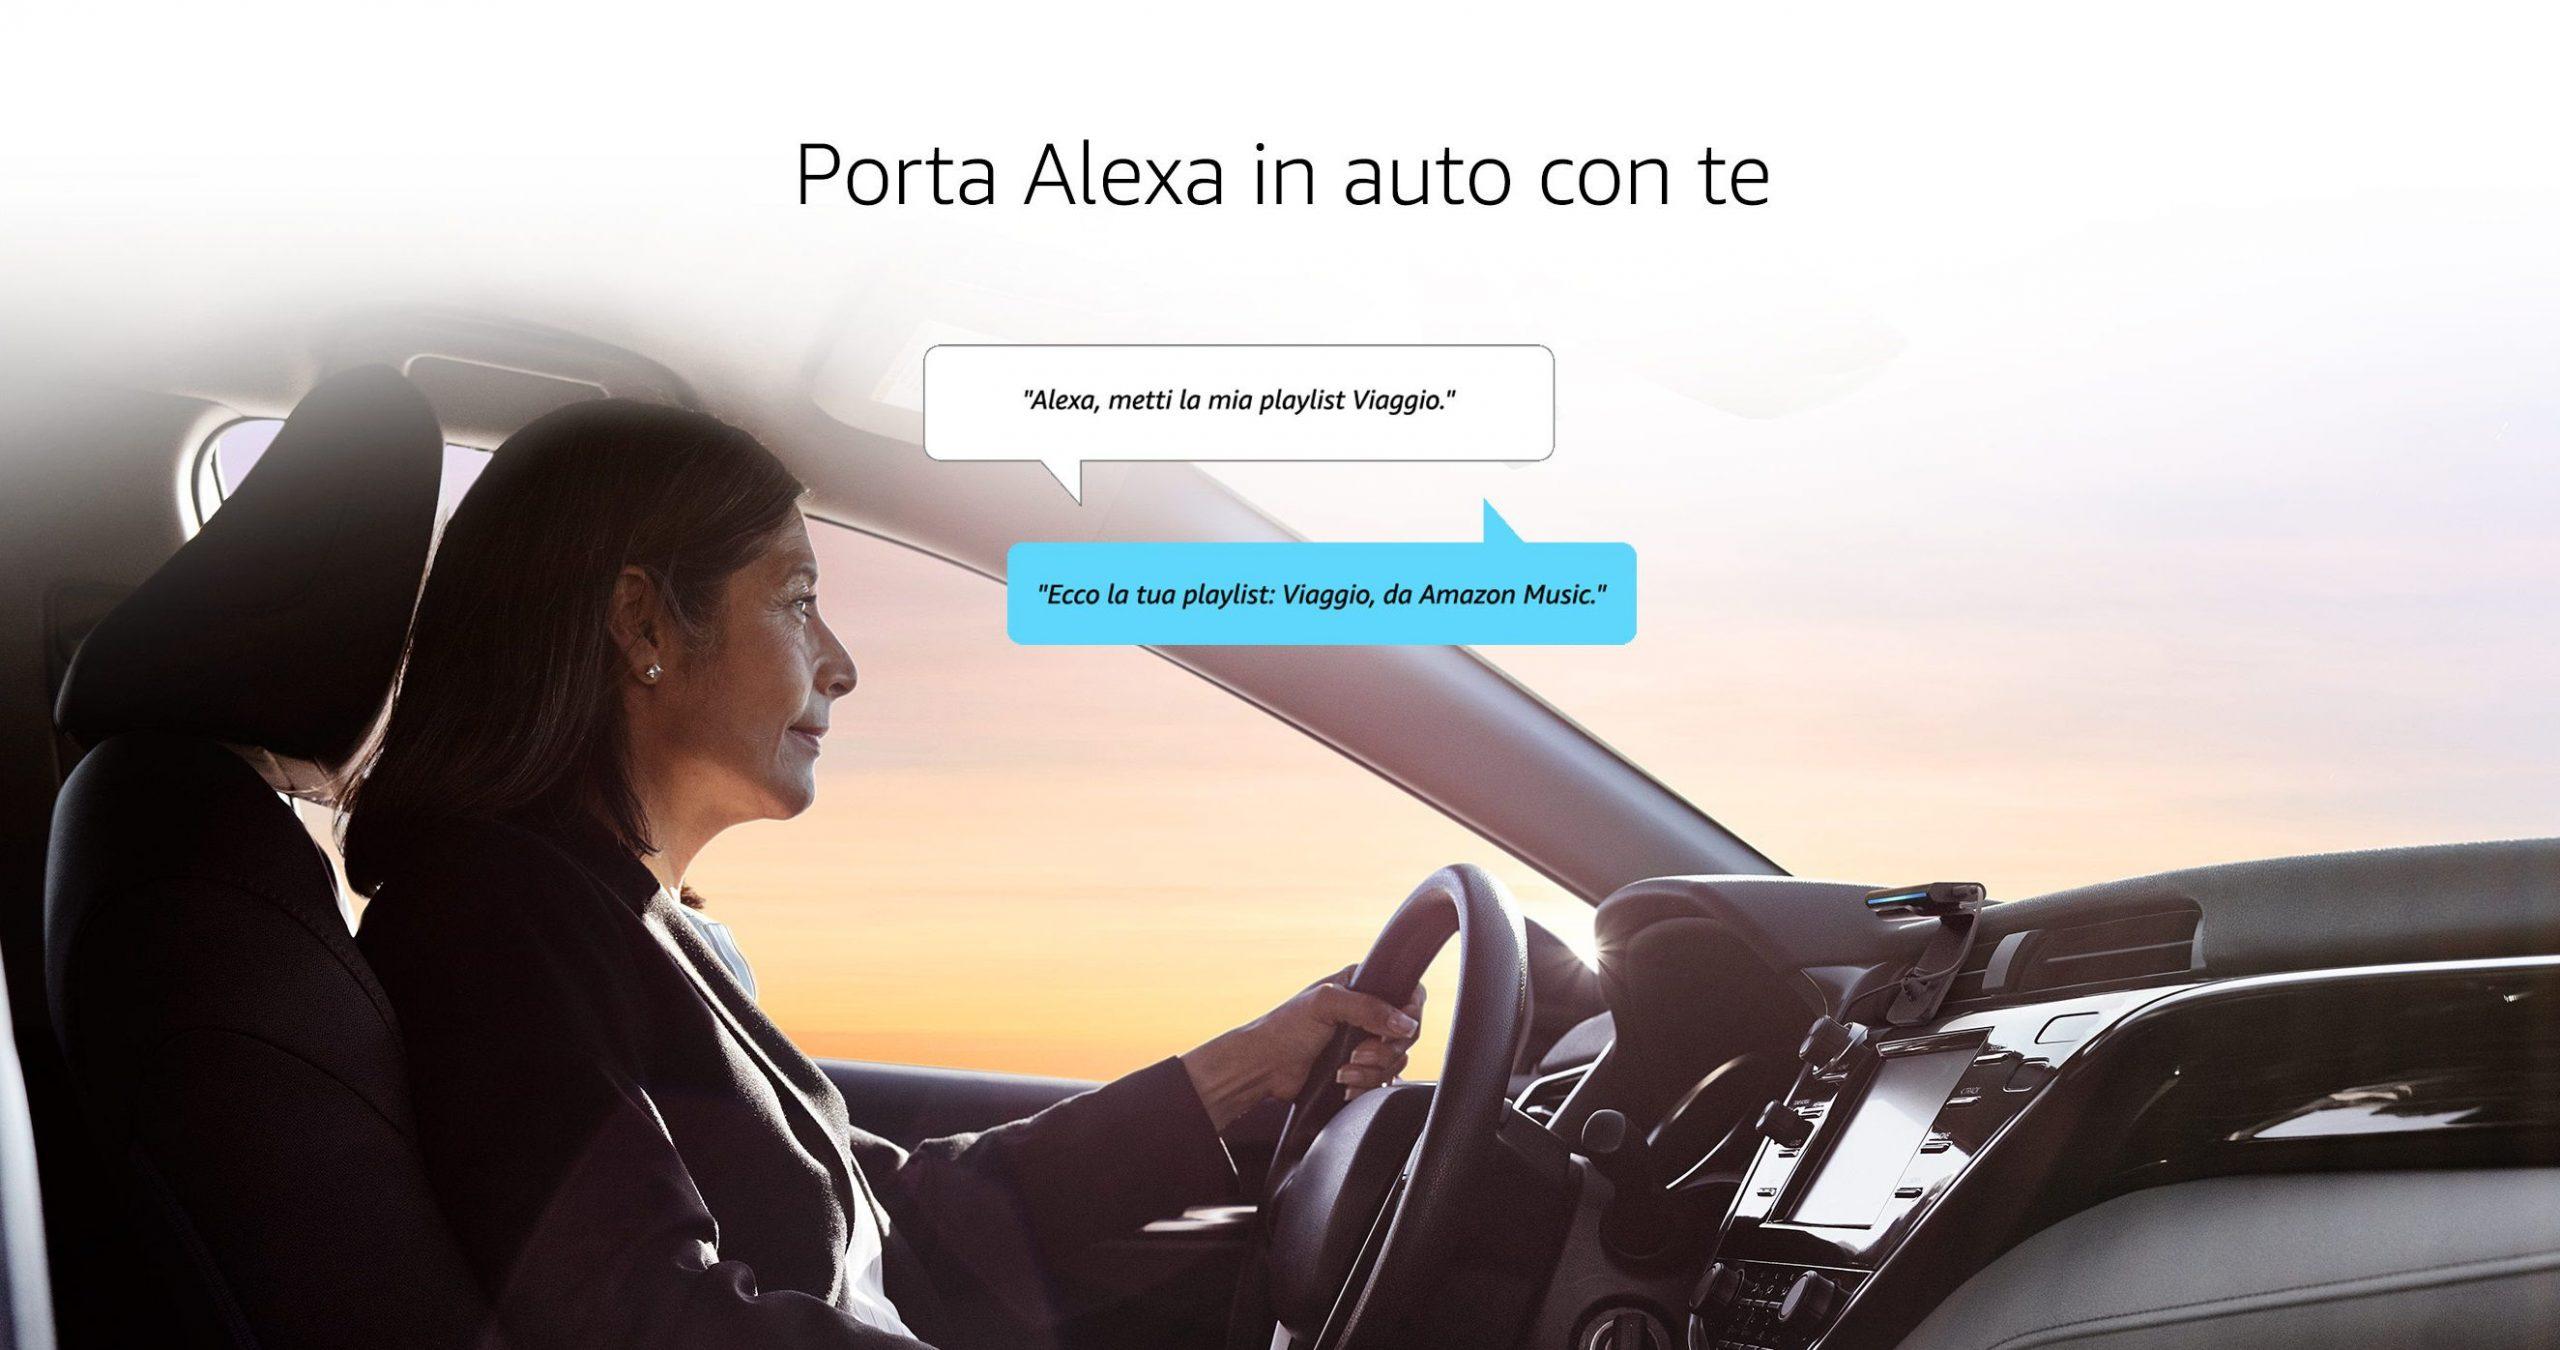 Echo Auto ora può essere acquistato anche in Italia: fai diventare smart la tua auto con Alexa